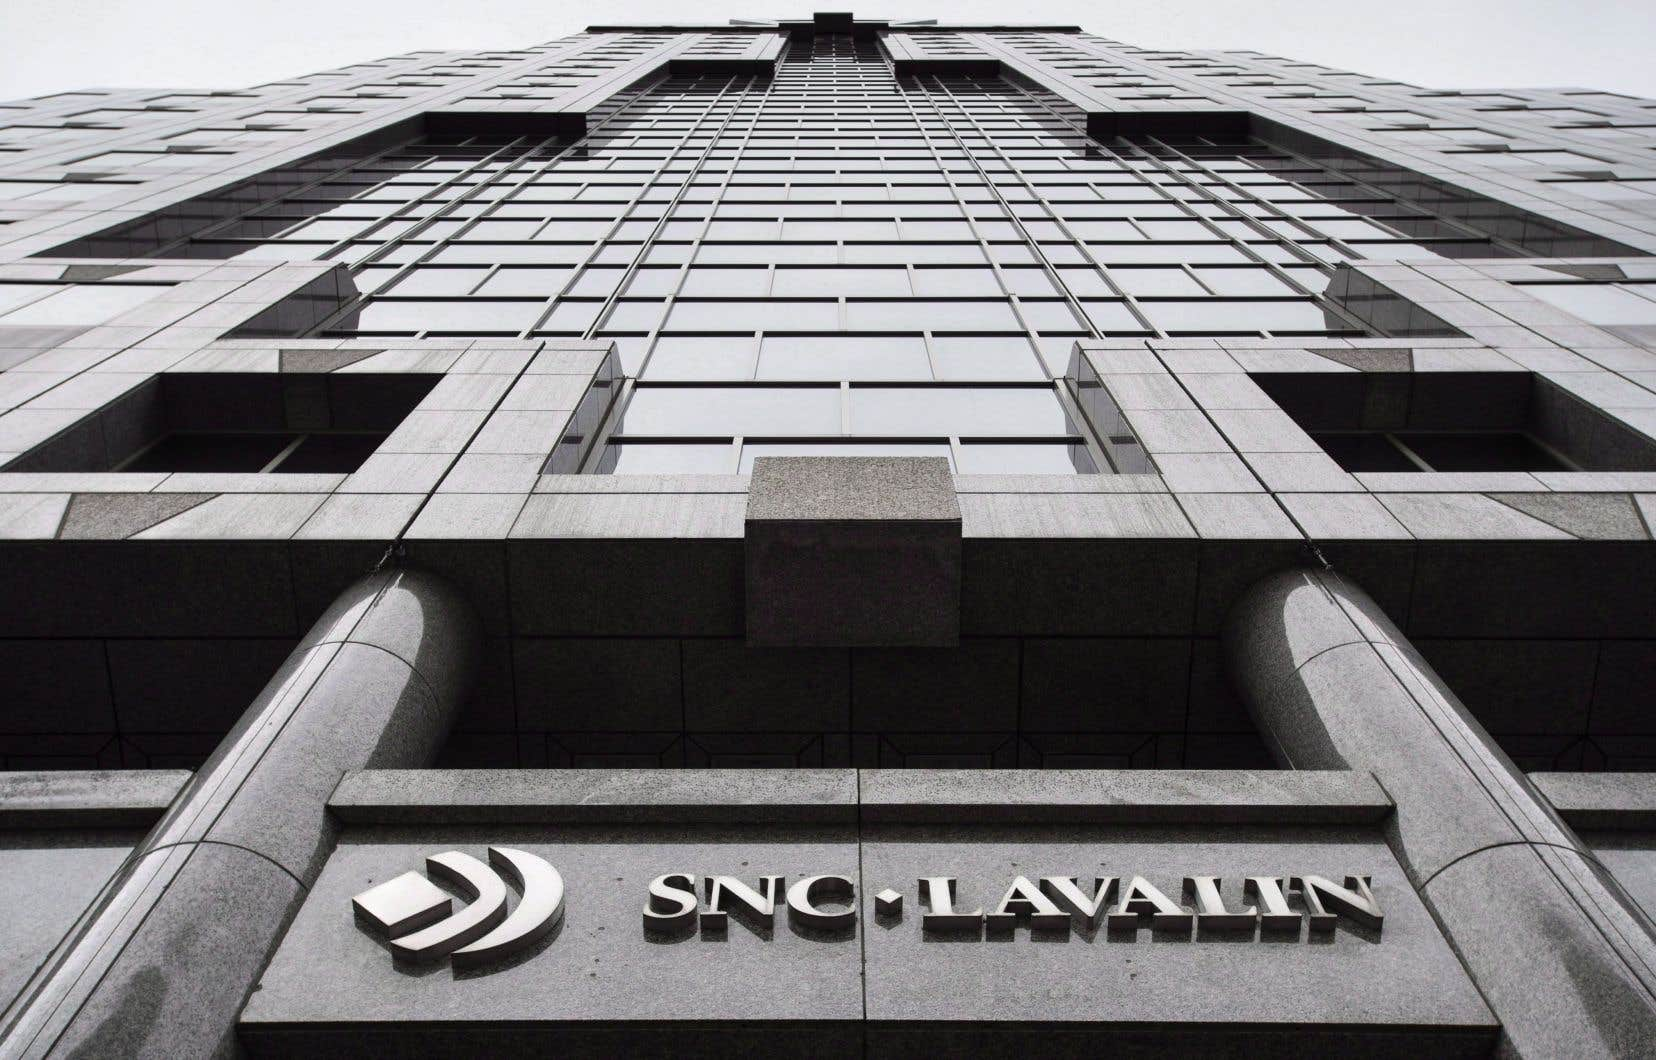 Le premier ministre presse Ottawa de permettre à la firme SNC-Lavalin de payer des «pénalités importantes» et de passer à autre chose.